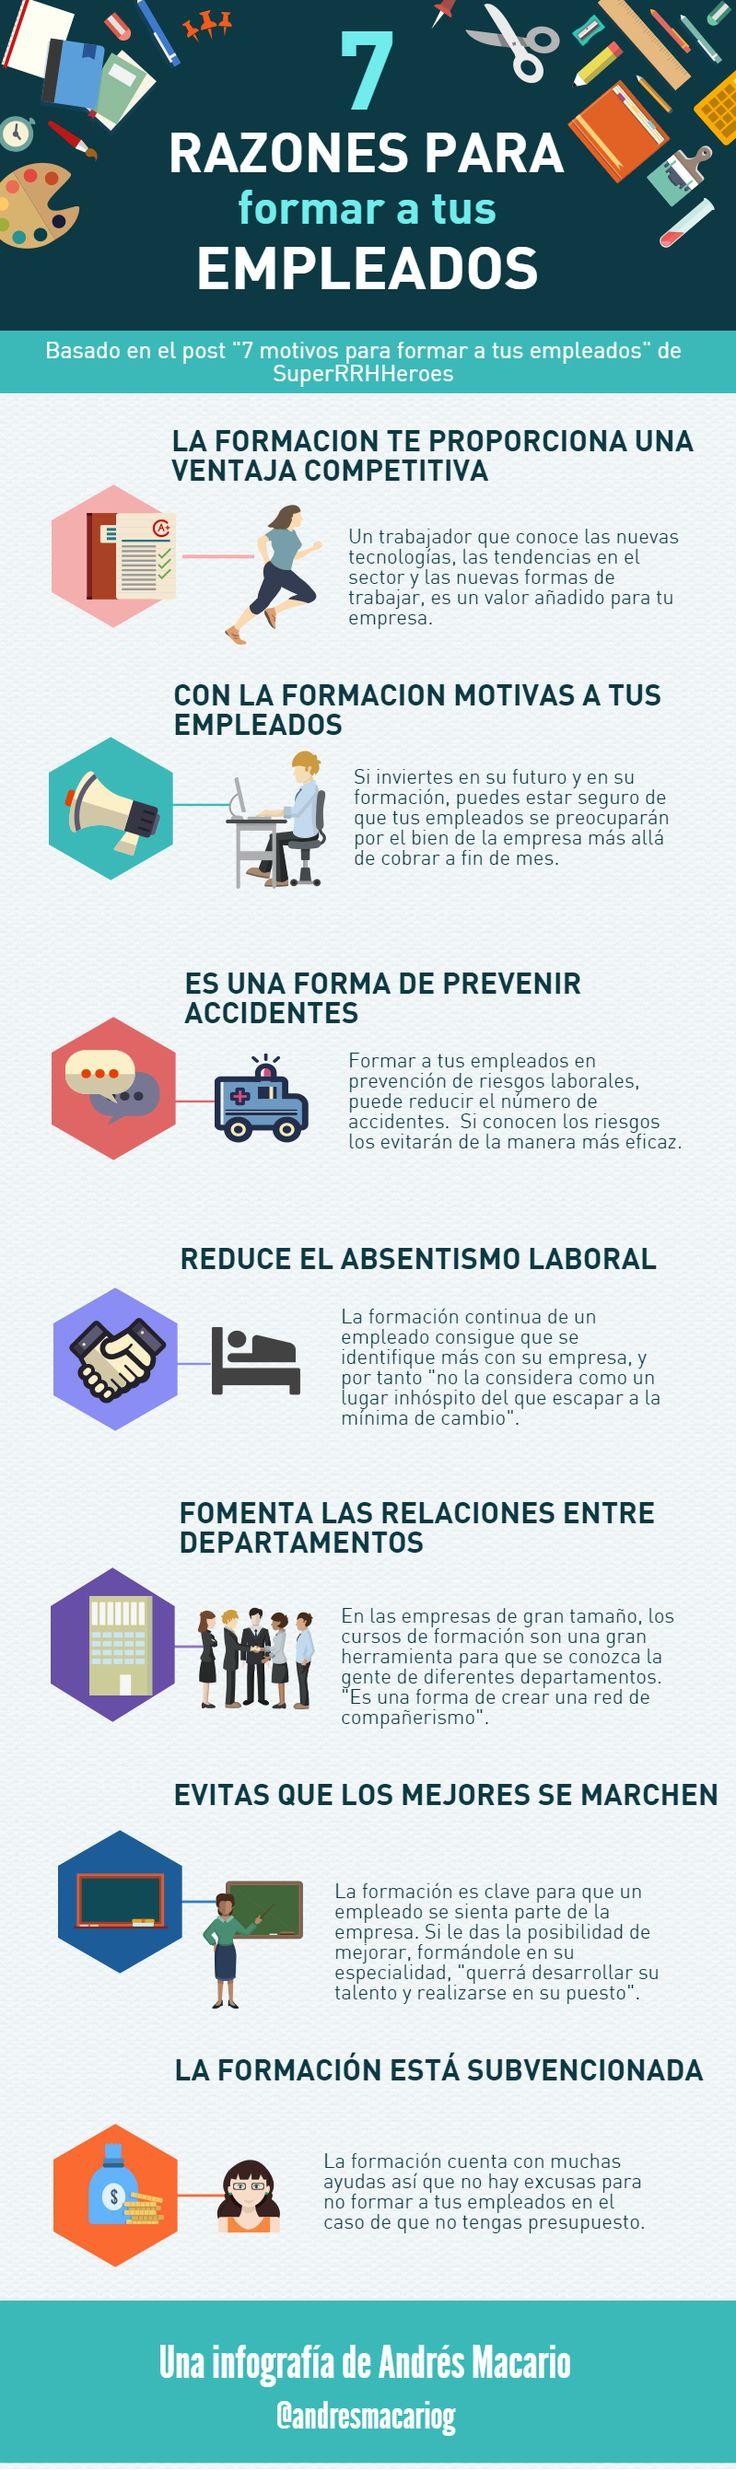 7 razones para formar a tus empleados #infografia